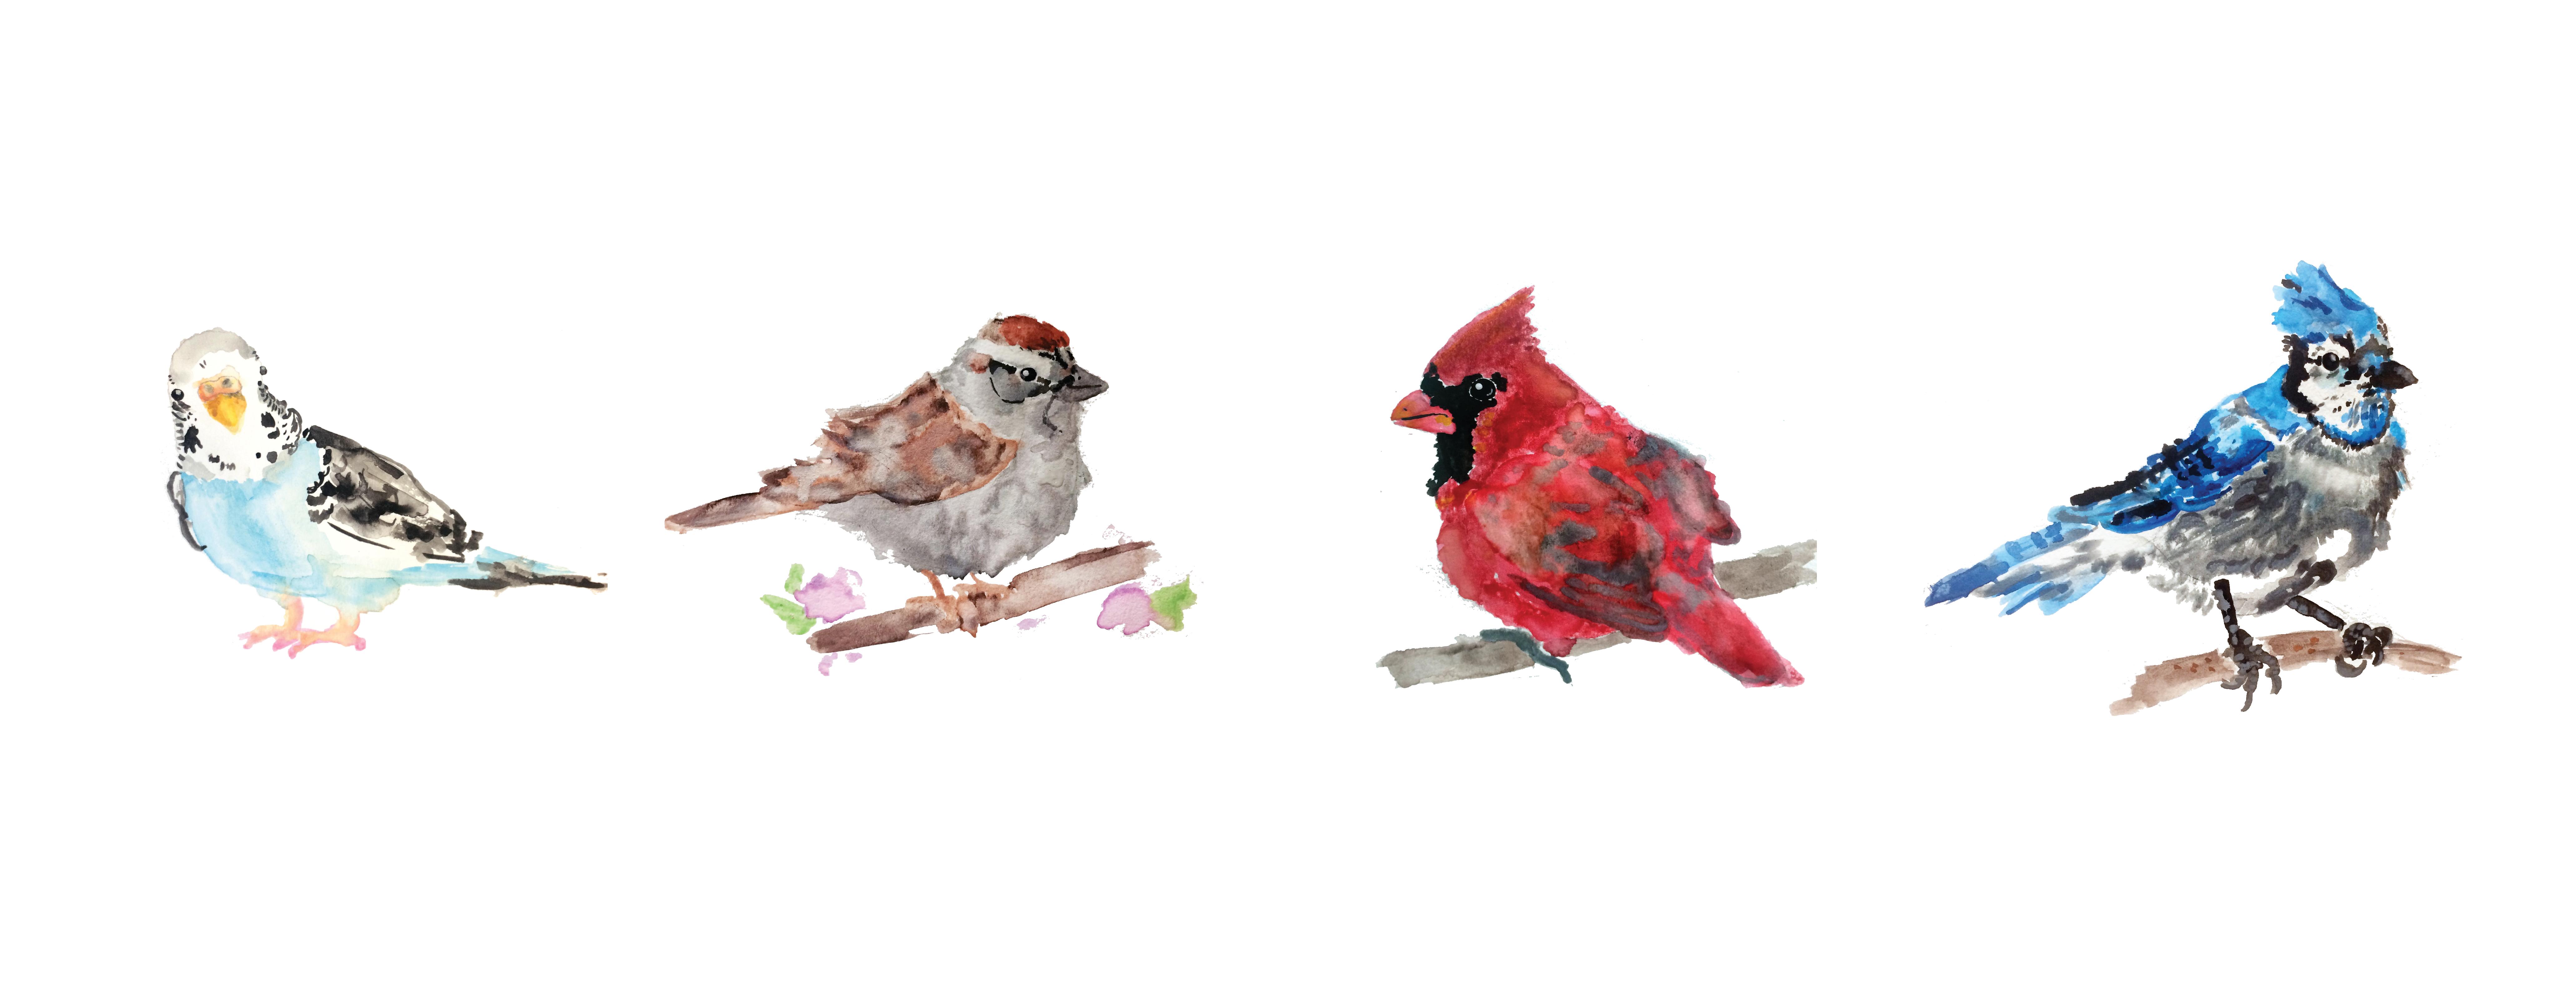 birds-birds-birds_1@4x